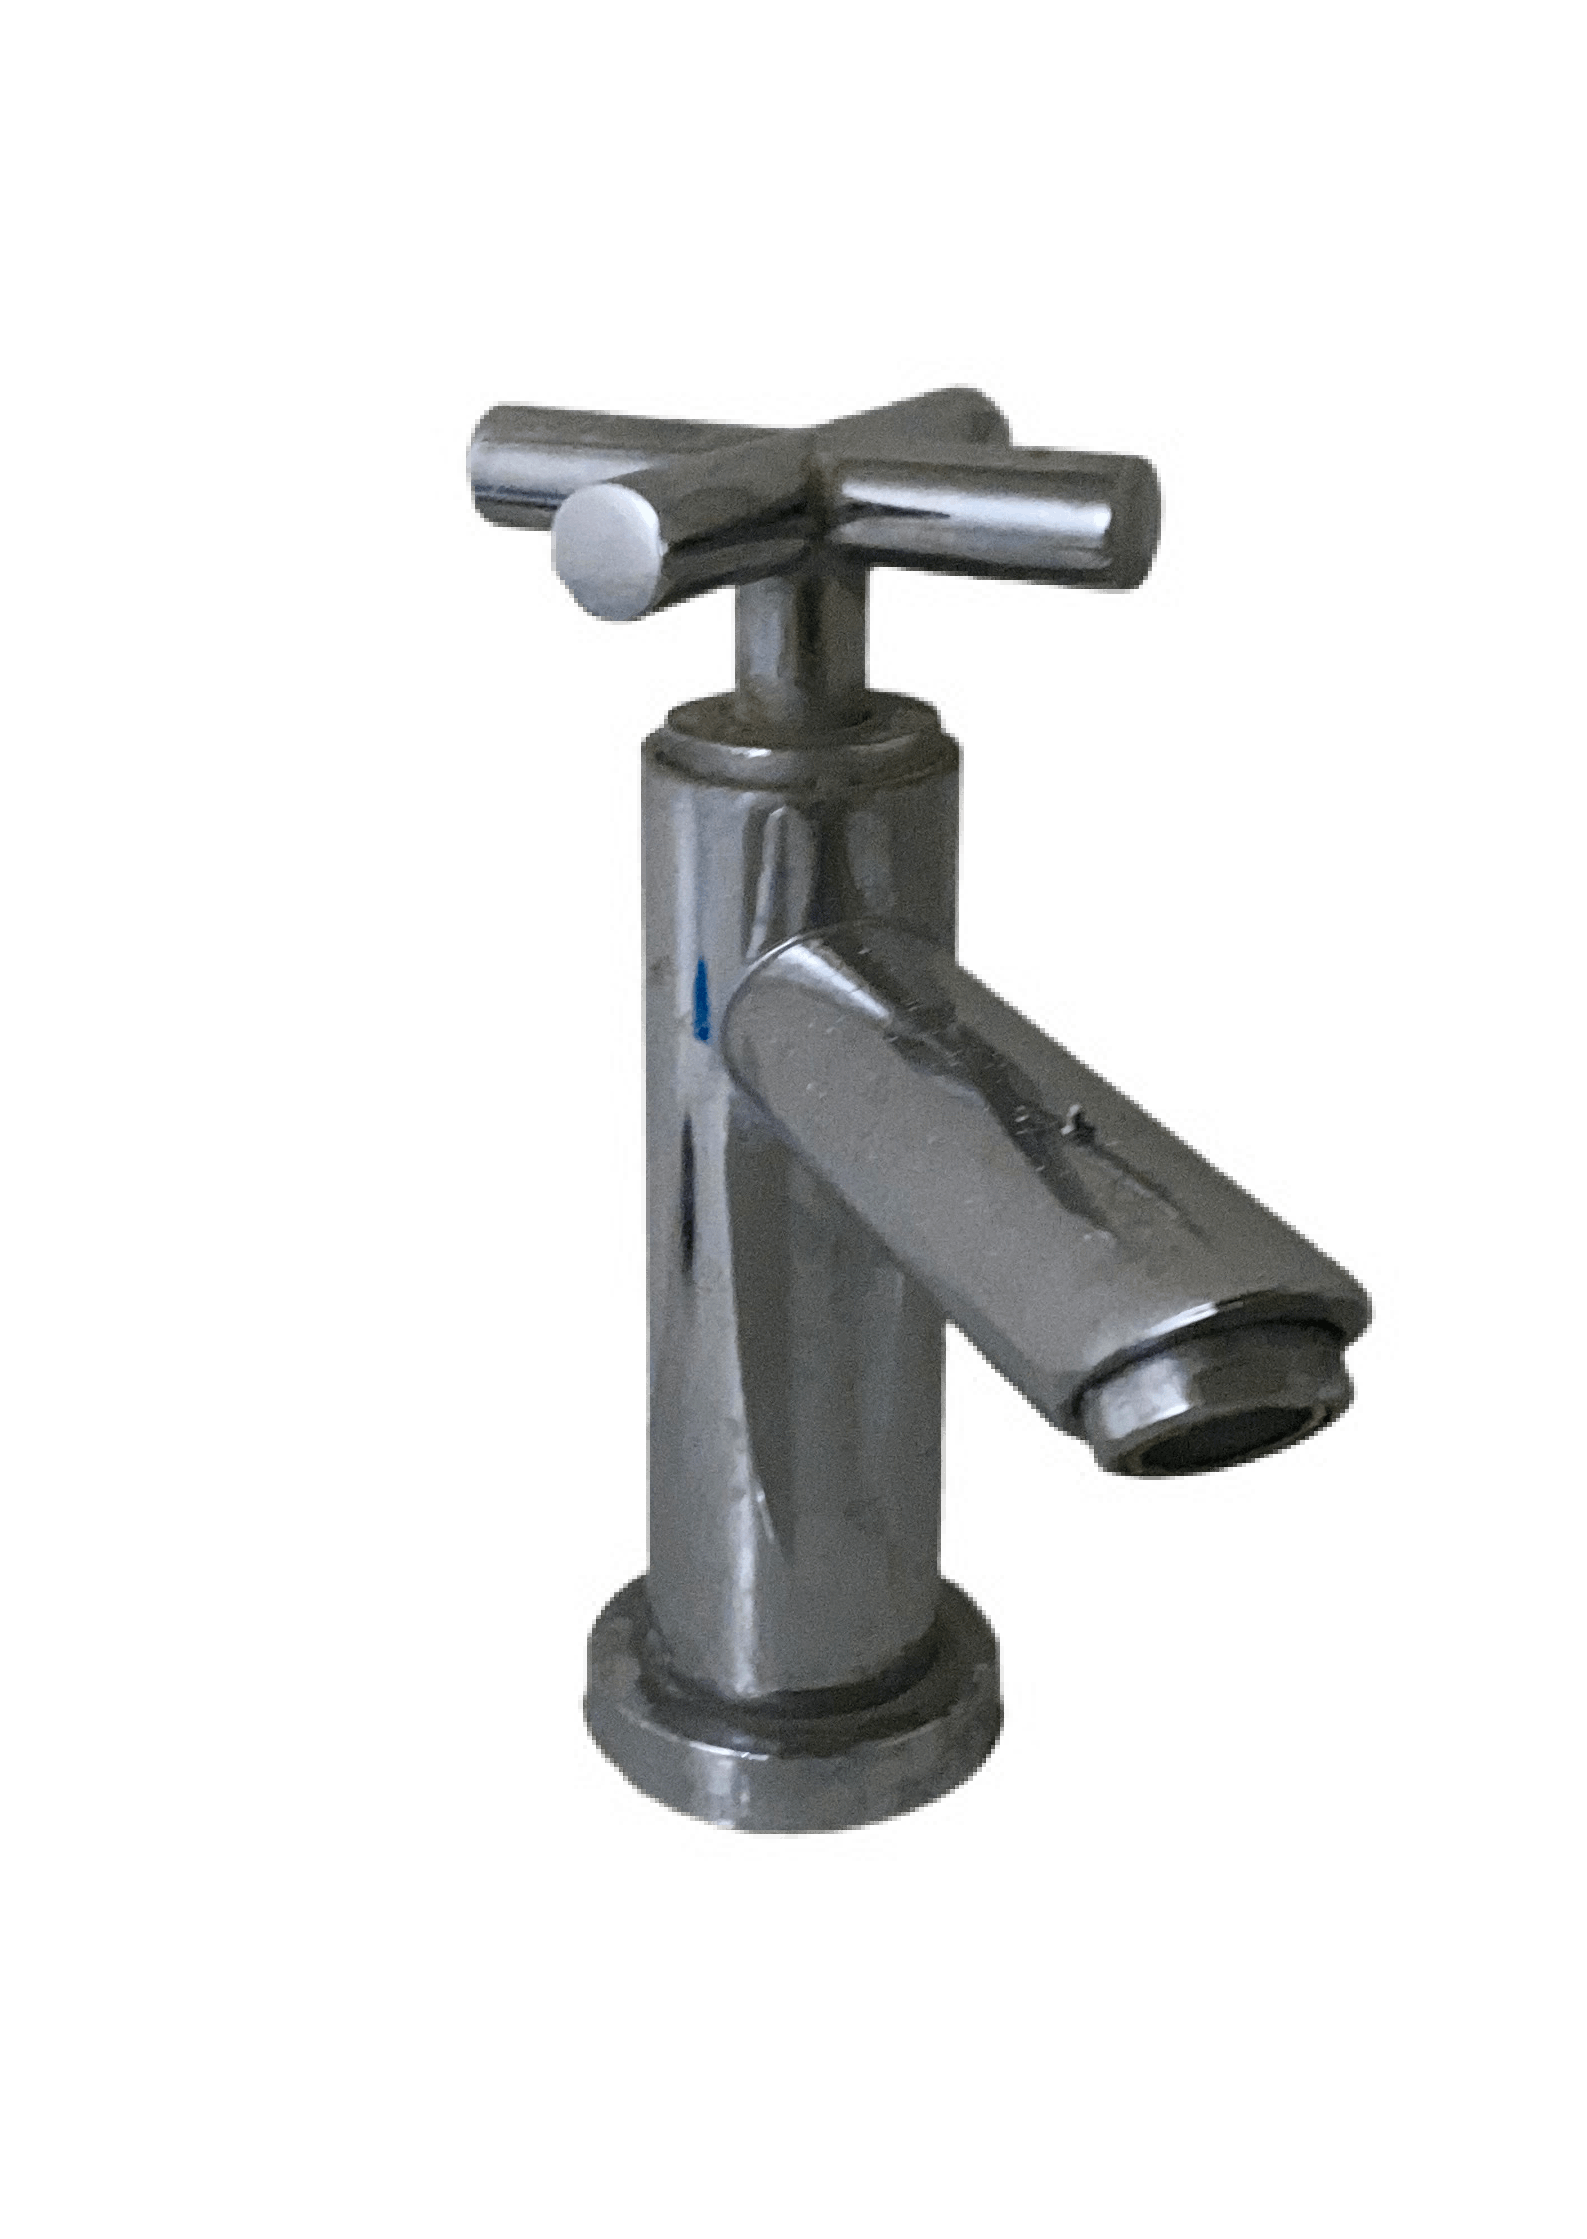 Blijft U Water Kraan Druppelen Laat Dan Uw Mengkraan Snel Repareren